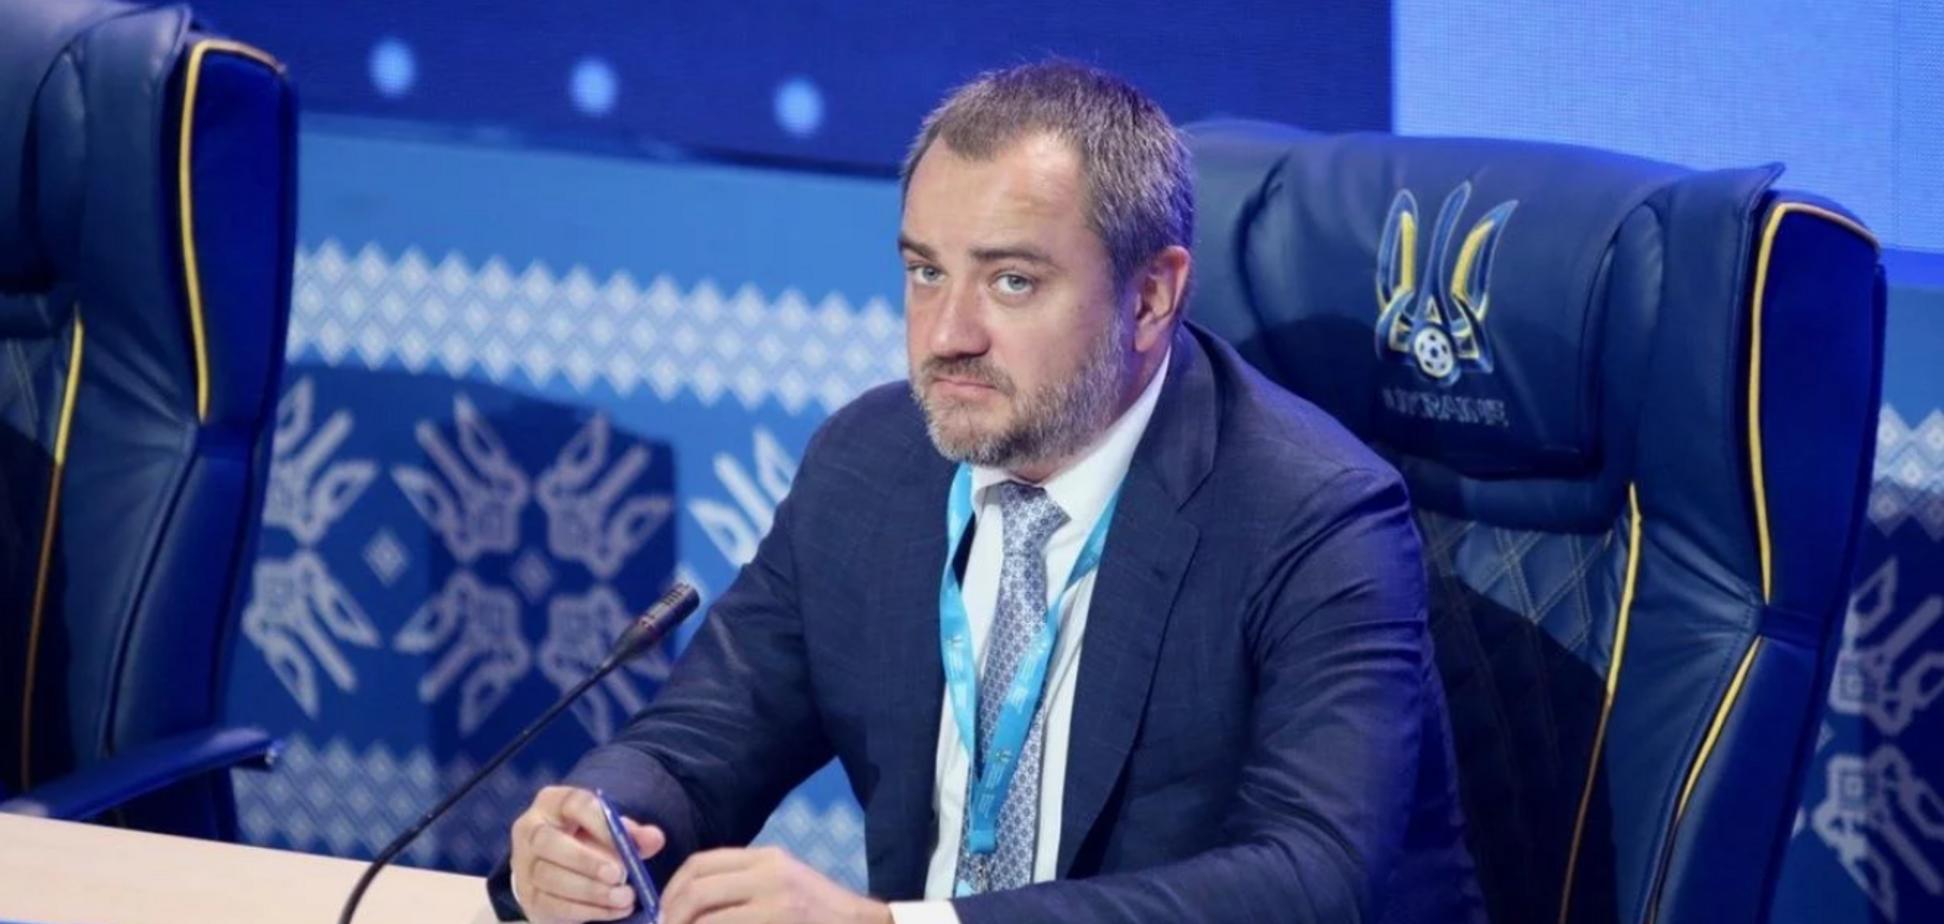 Андрій Павелко прокоментував побиття судді Іванова після матчу Першої ліги